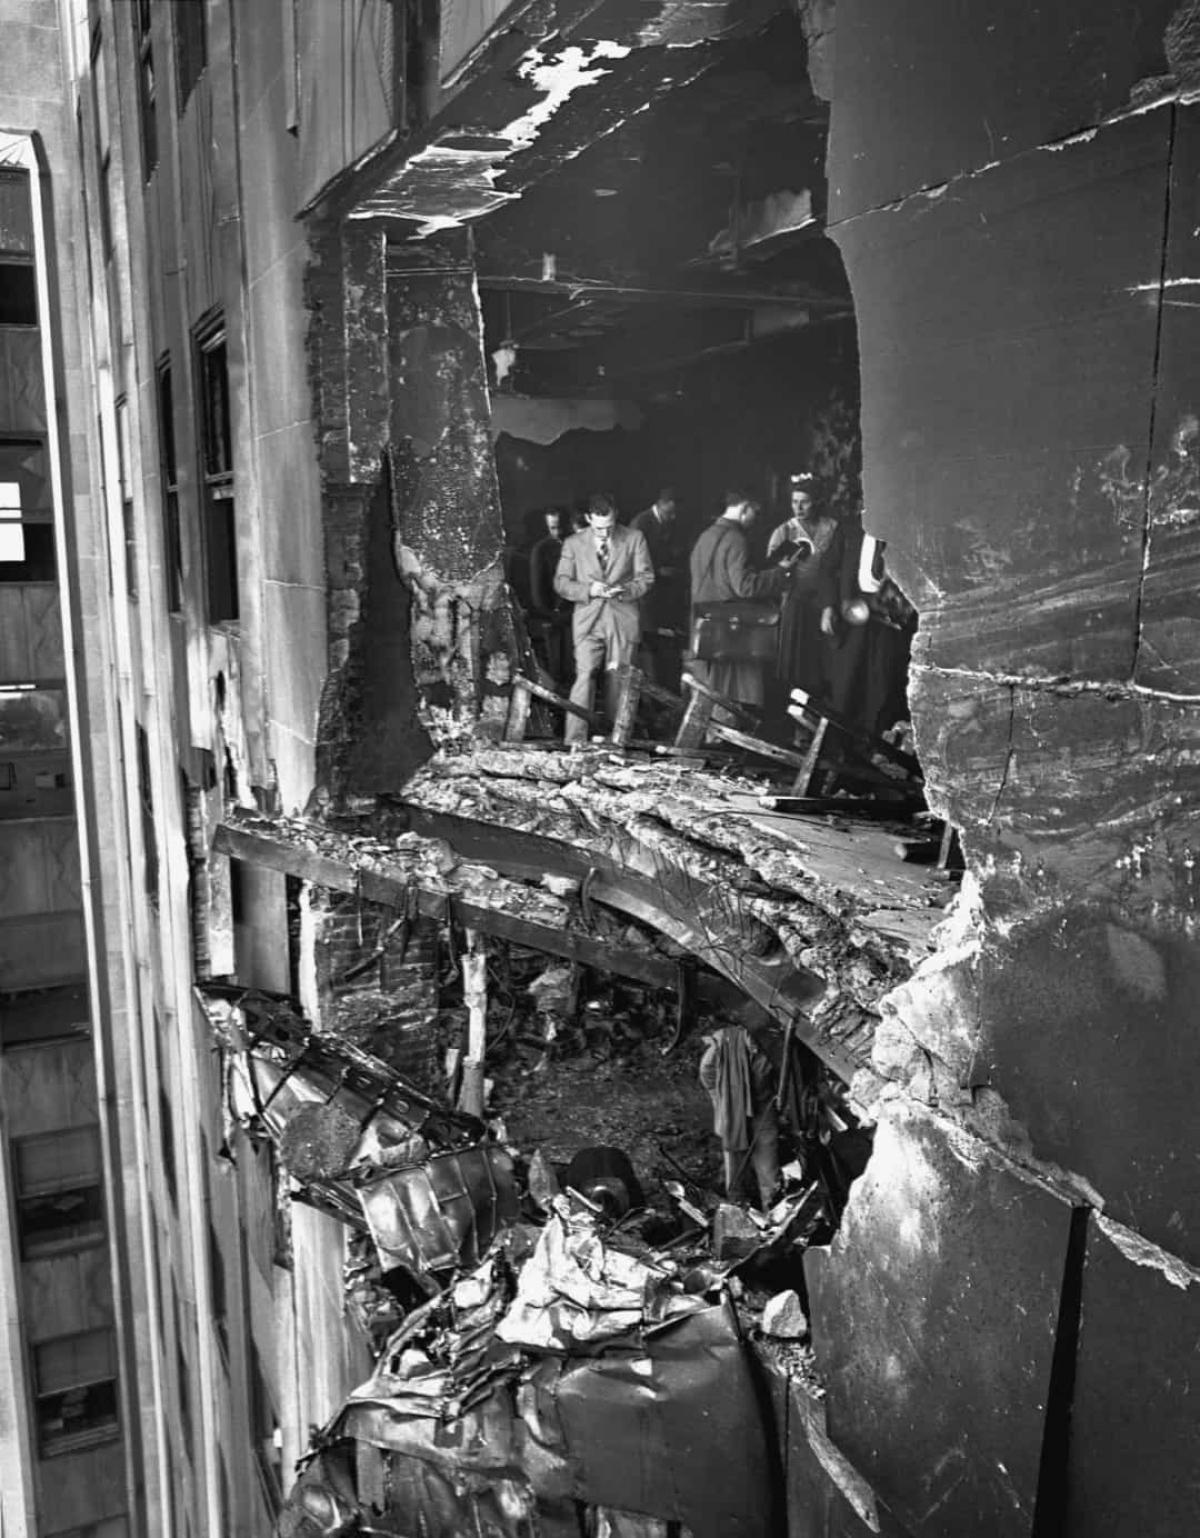 Việc xây dựng tòa nhà bắt đầu vào năm 1967, sau sự phản đối và chỉ trích lớn từ các nhân vật quyền lực của New York. Họ cho rằng không thể xây dựng một tòa nhà như vậy một cách an toàn. Sự phản đối này đến từ sự cố một chiếc máy bay nhỏ đã đâm vào Tòa nhà Empire State vào năm 1945 do sương mù dày đặc. Nhiều người lo sợ rằng một sự cố tương tự sẽ xảy ra với tòa tháp đôi trong điều kiện thời tiết xấu. Trước rủi ro này, Trung tâm Thương mại Thế giới được xây dựng có thể chịu được va chạm với một chiếc máy bayBoeing707, chiếc máy bay lớn nhất vào thời điểm đó.